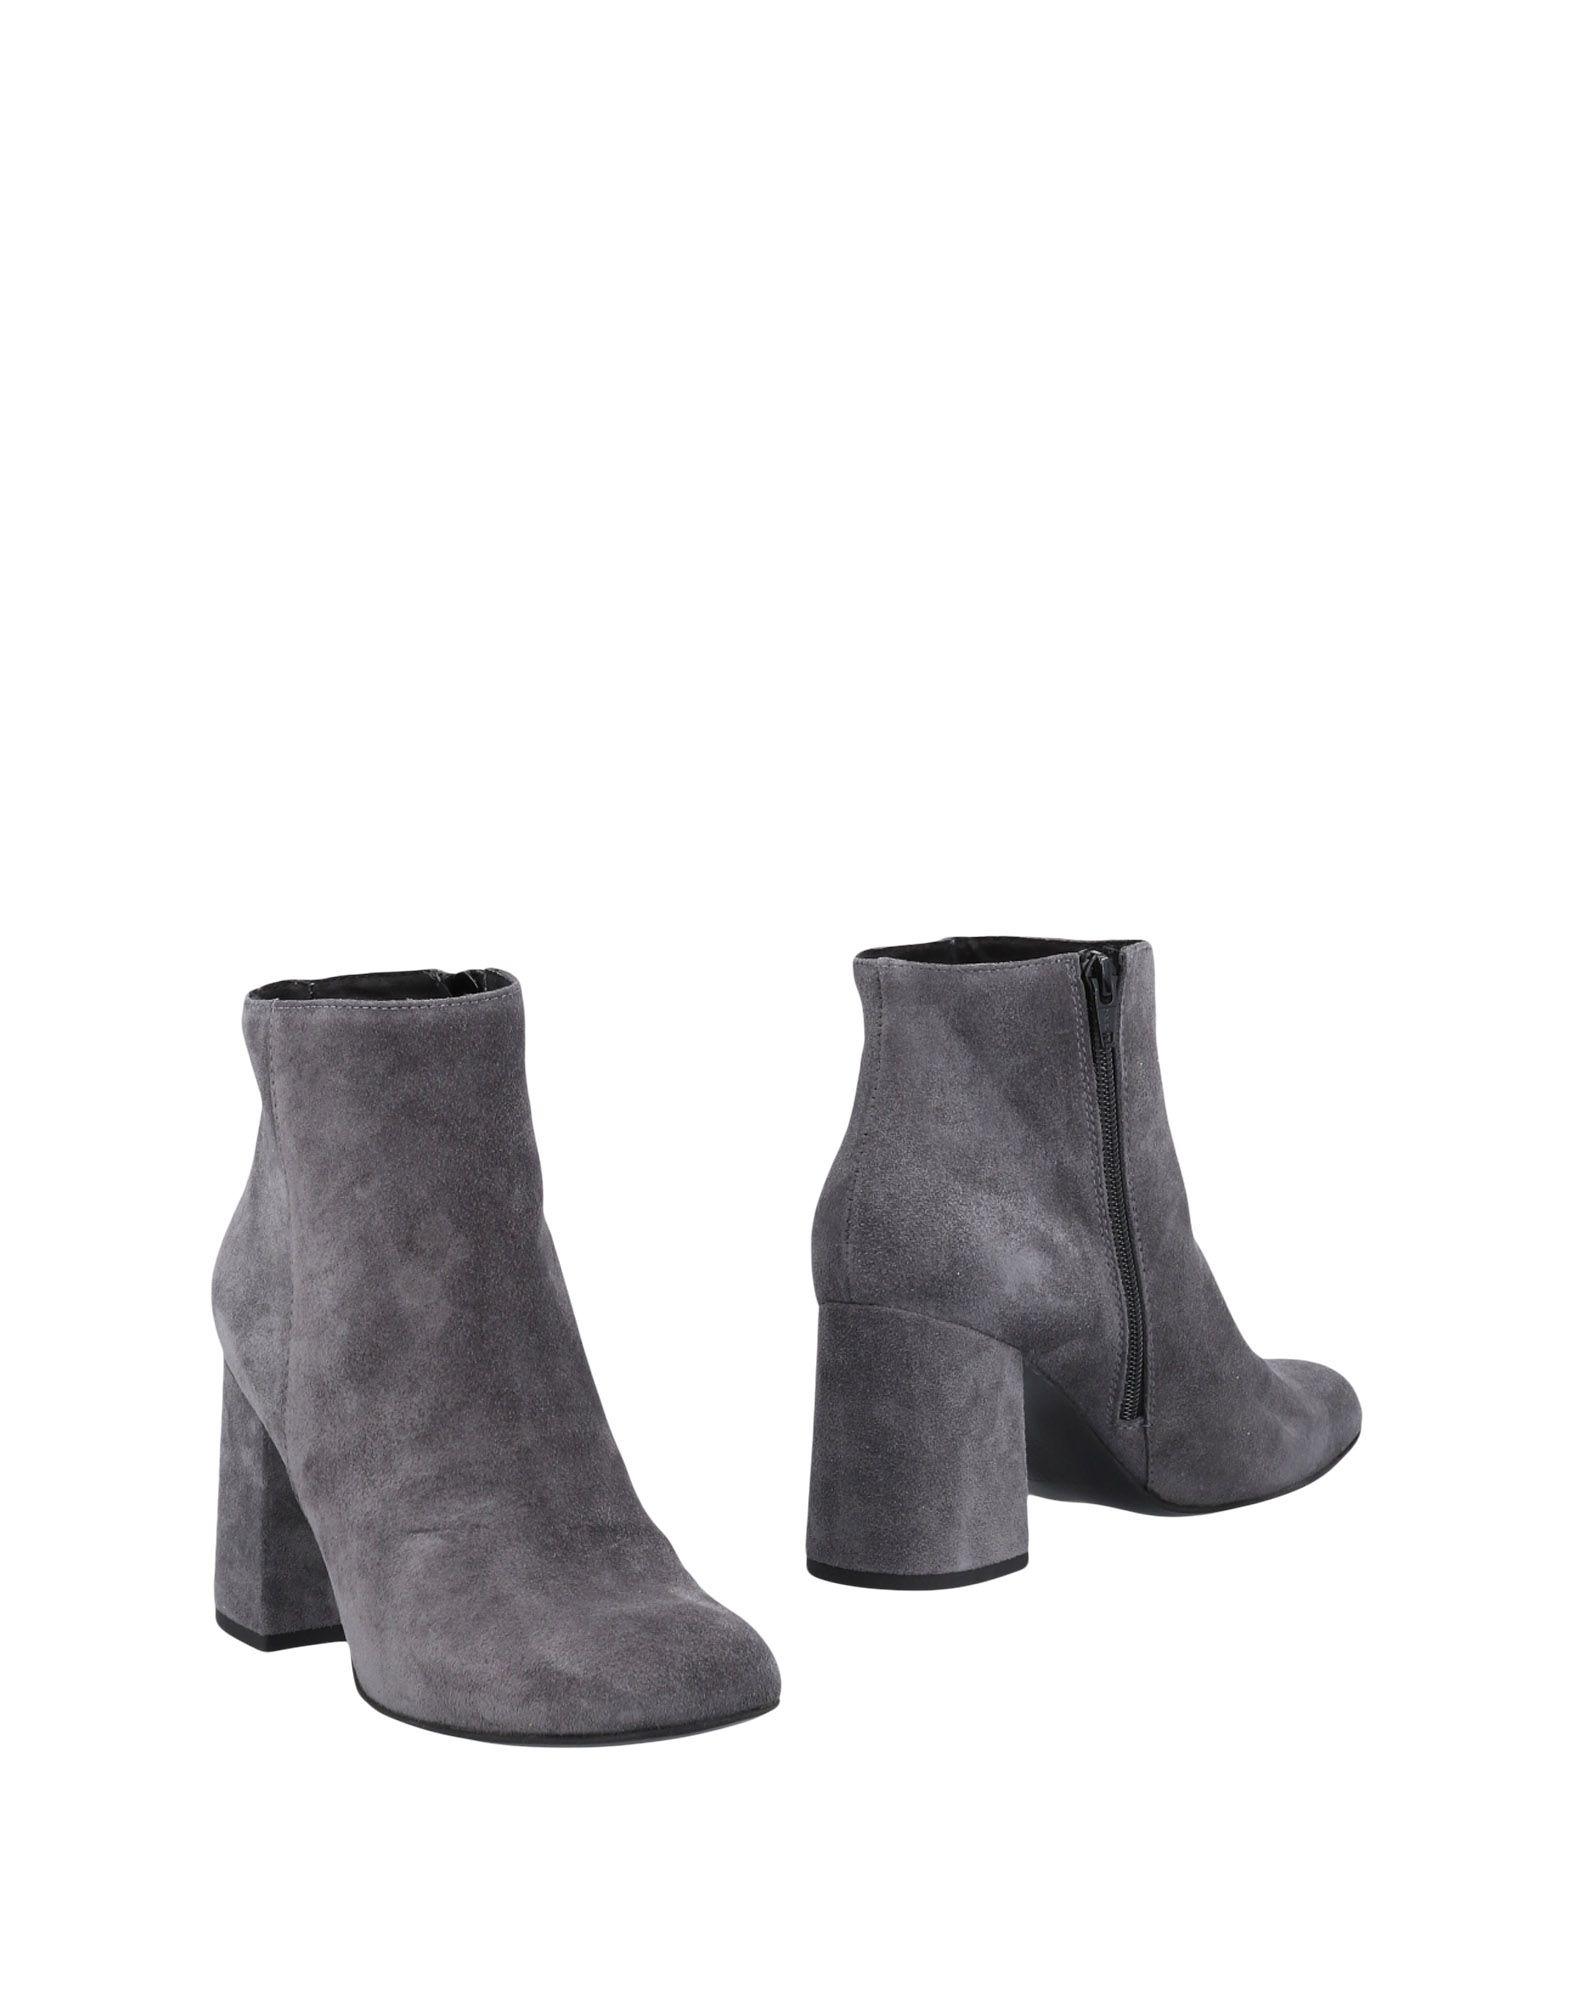 UNLACE Полусапоги и высокие ботинки unlace ботинки кожаные анлак 56042 1015 чёрный чёрный 37 черный черный